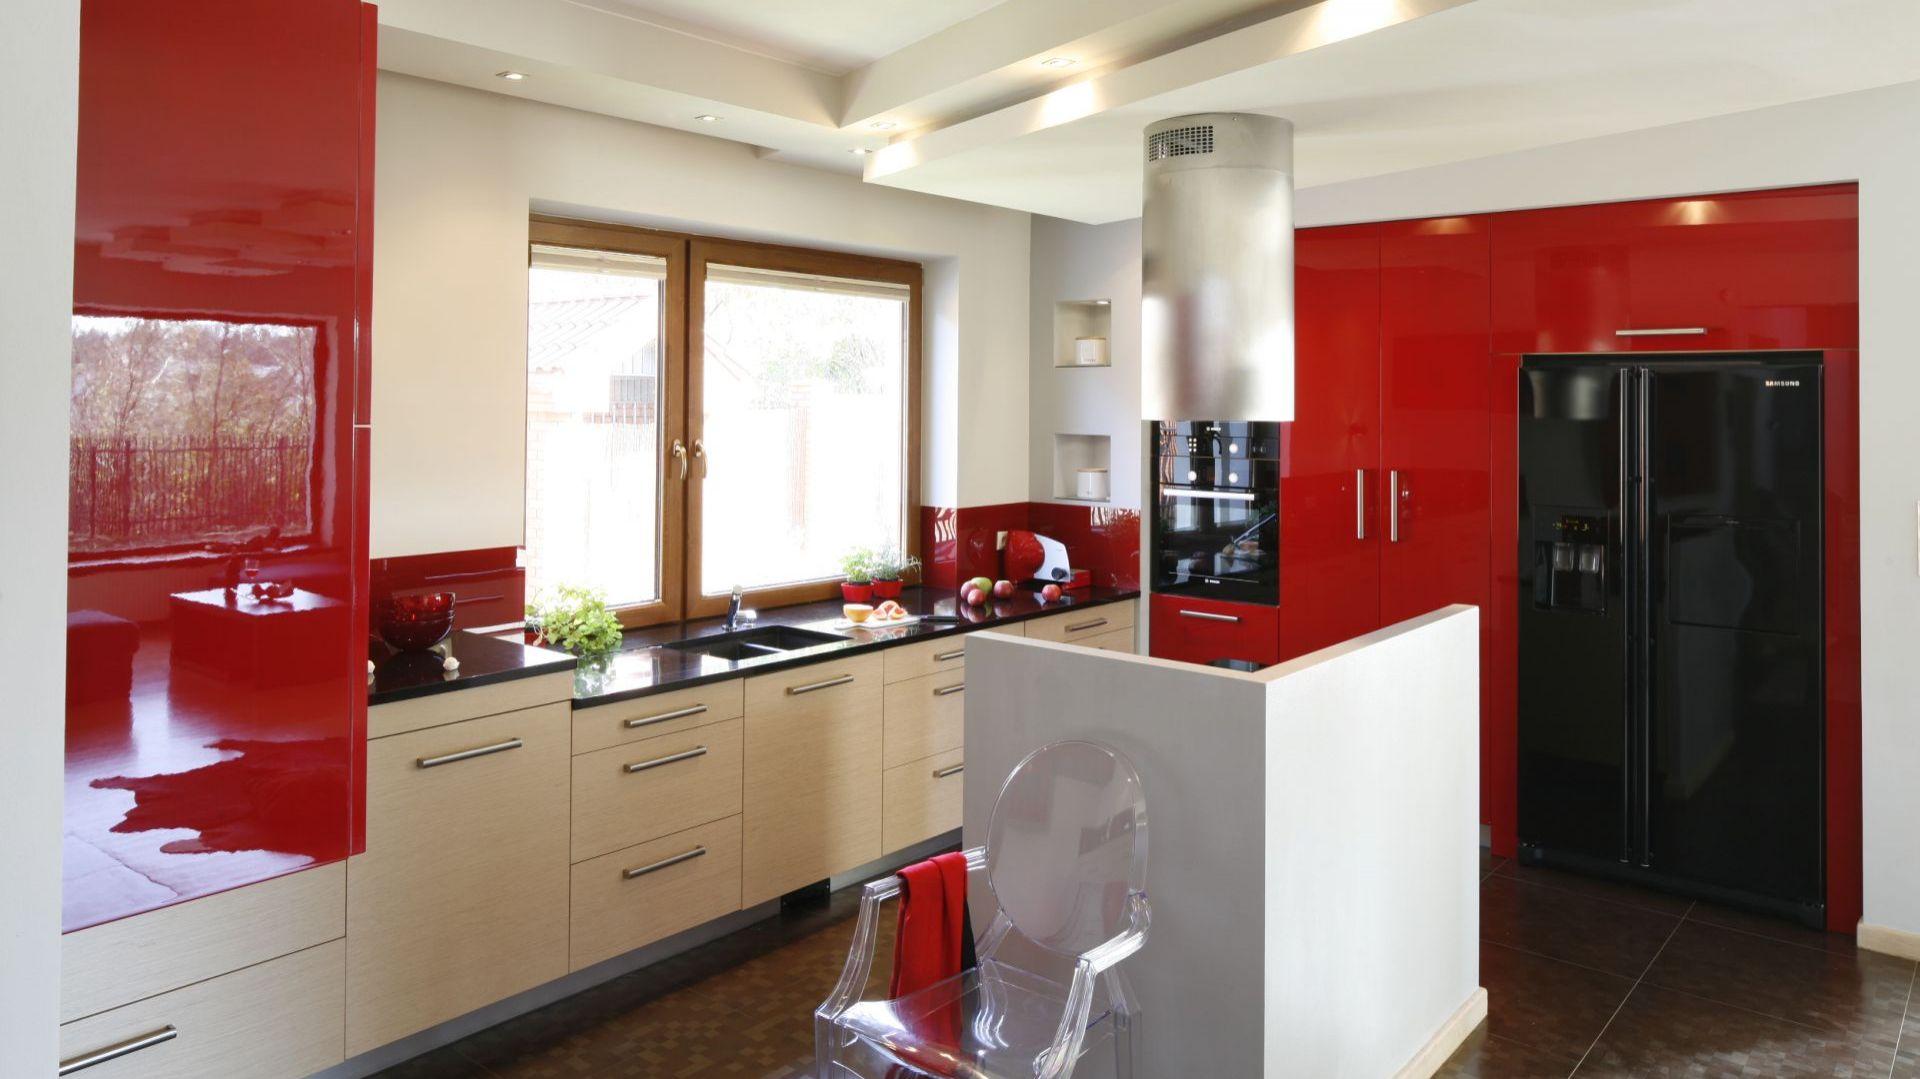 Biel i czerwień na wysoki połysk sprawi, że aranżacja kuchni będzie nowoczesna i bardzo wyrazista. Projekt: Jolanta Kwilman. Fot. Bartosz Jarosz